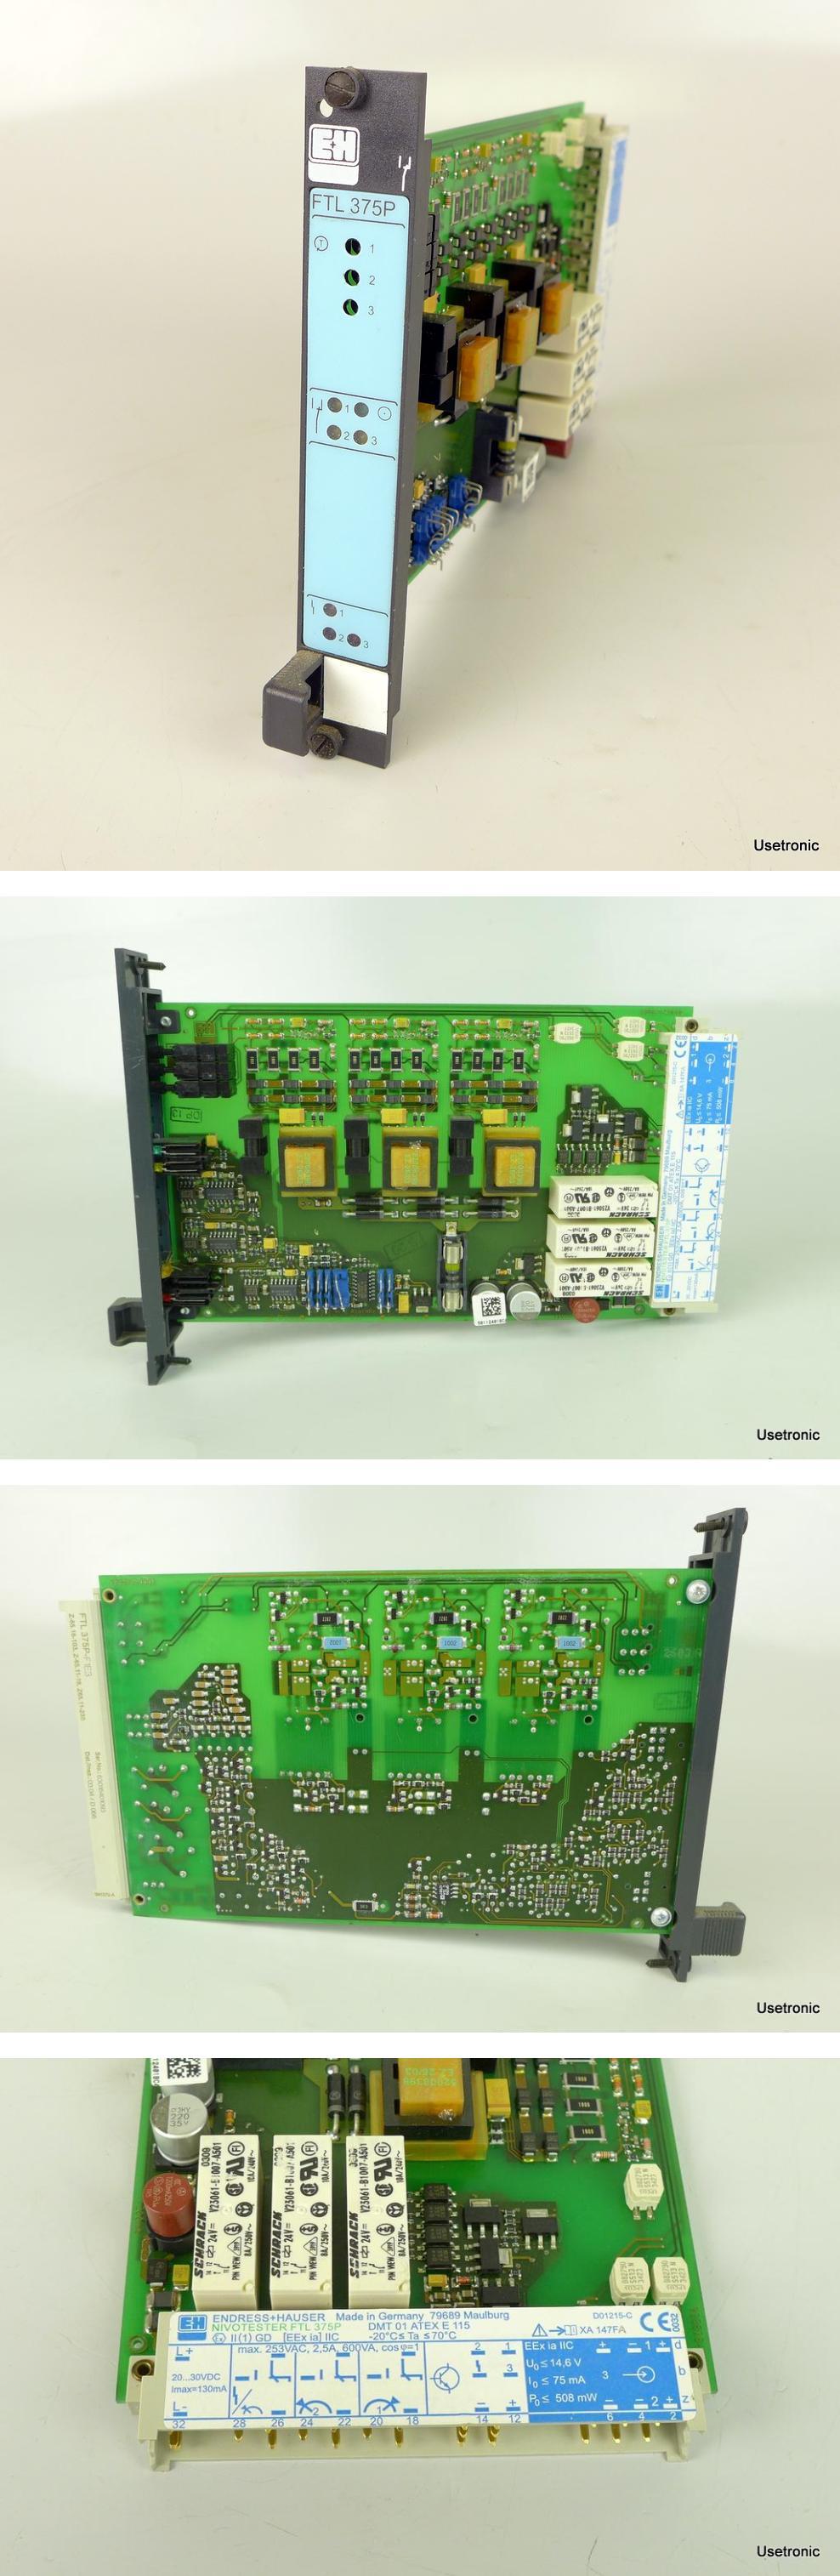 Endress Hauser FTL 375 P